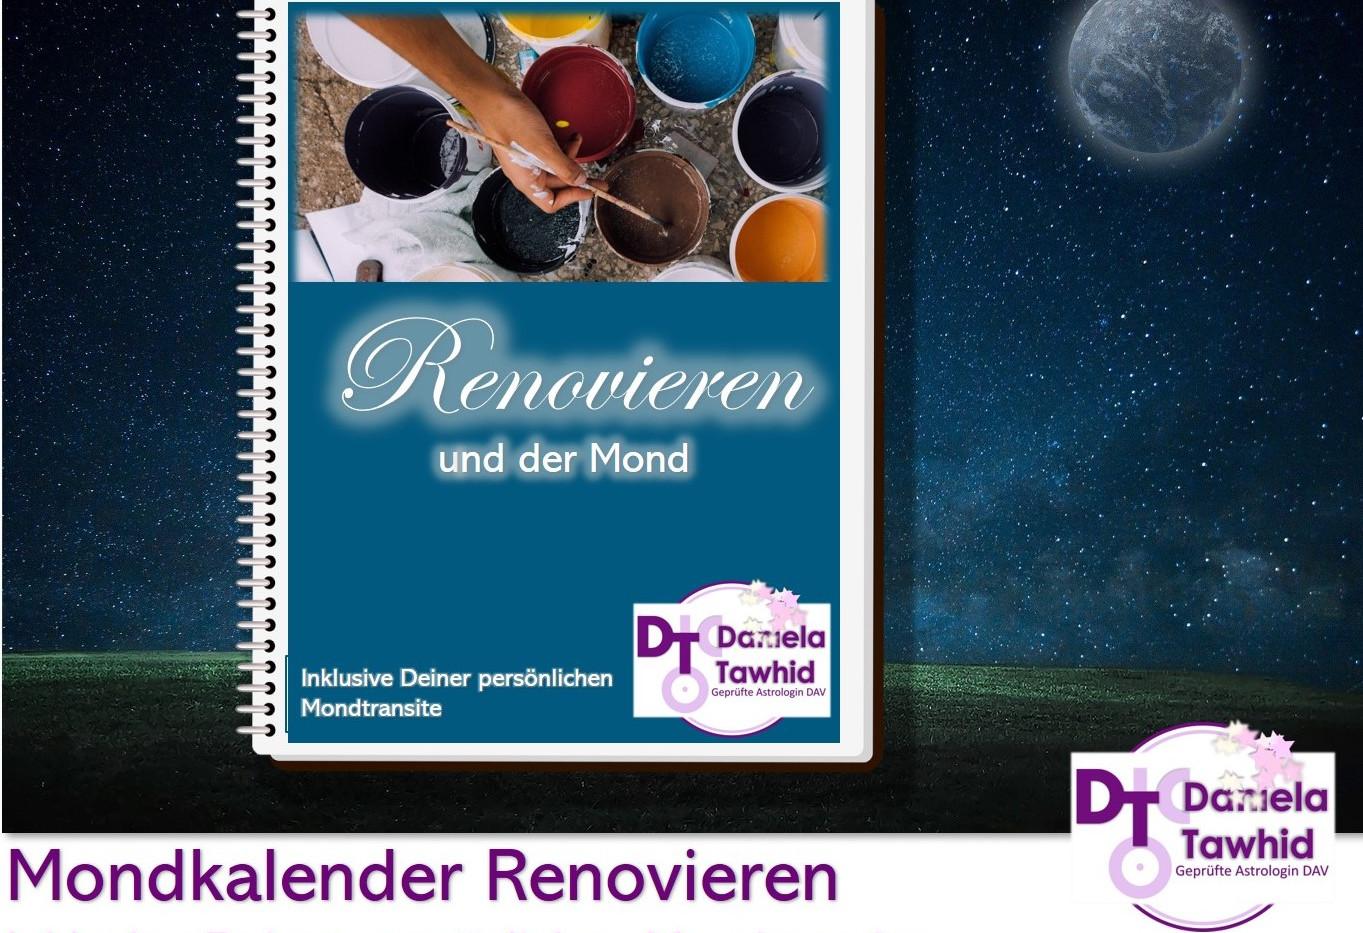 Renovieren und der Mond